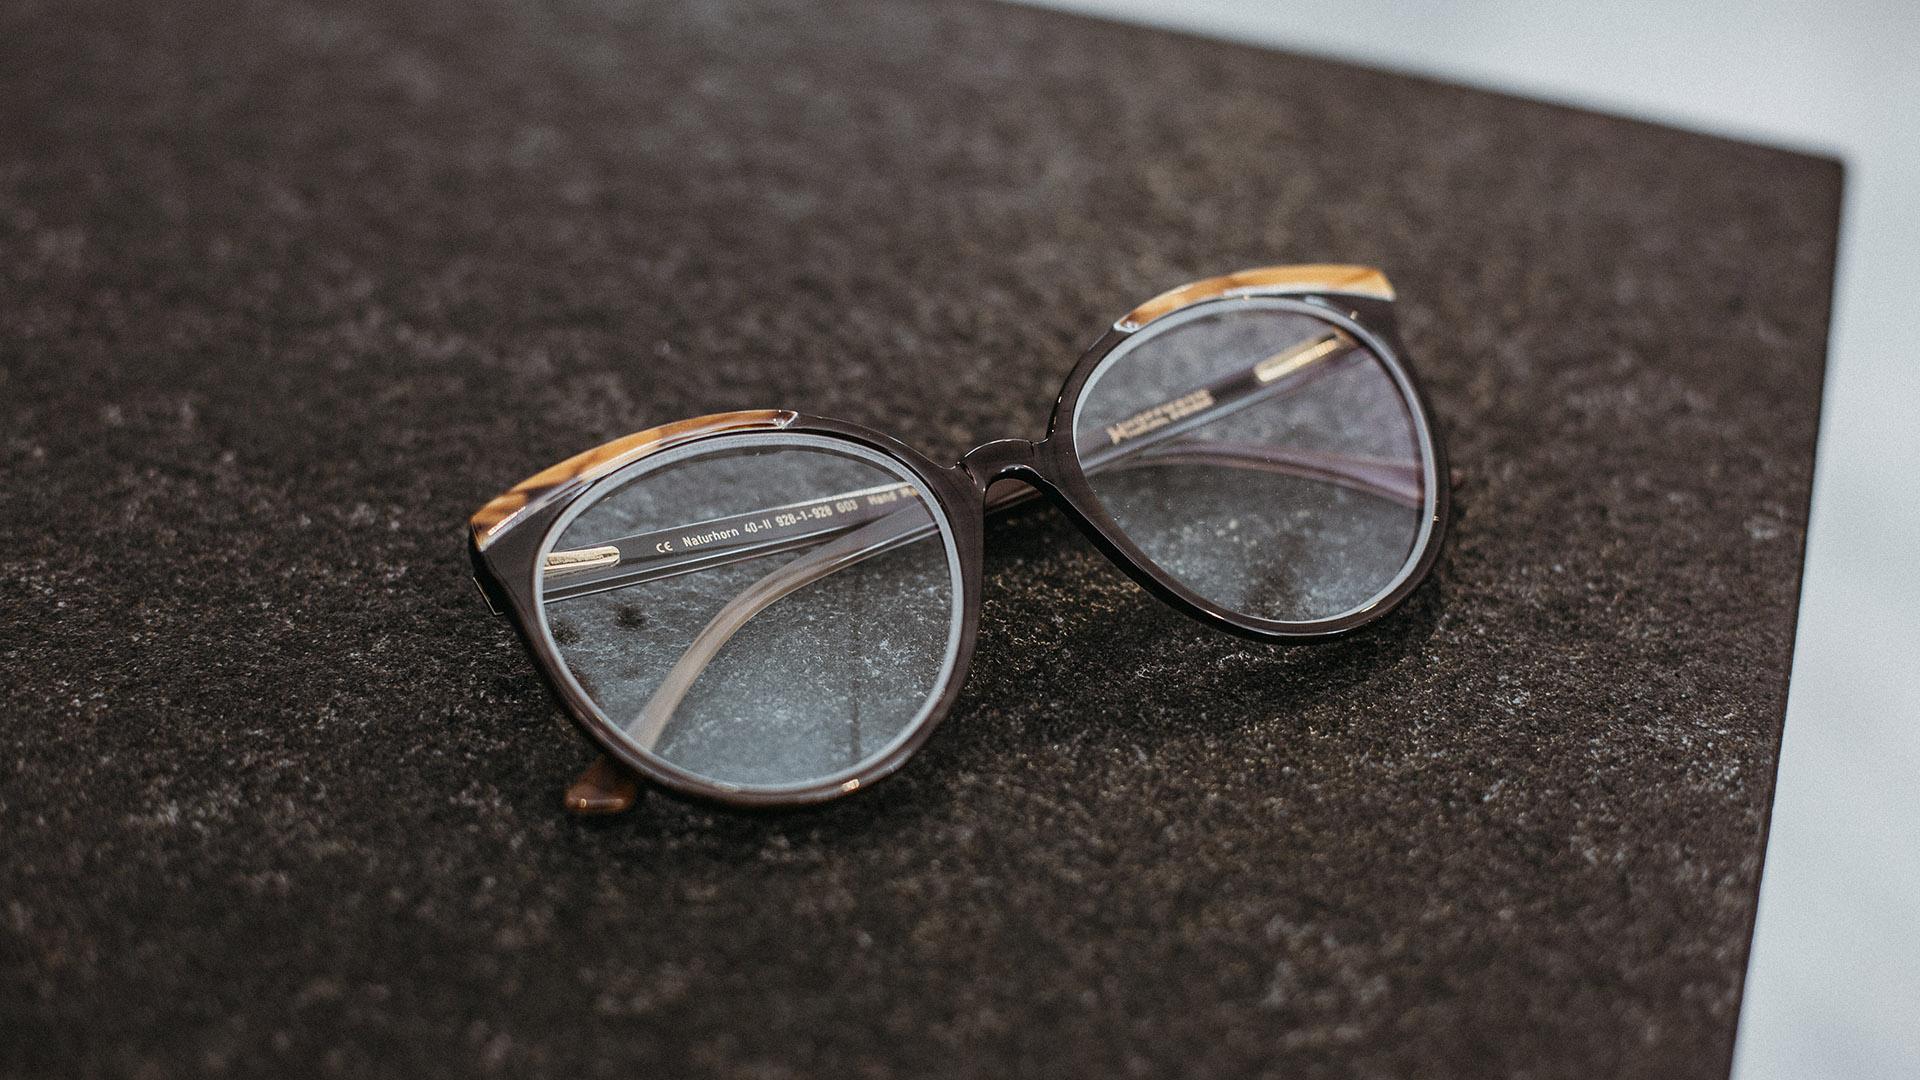 Braune Naturhornbrille mit hellen Akzenten von Hoffmann Natural Eyewear, die auf einem braunen Untergrund liegt.